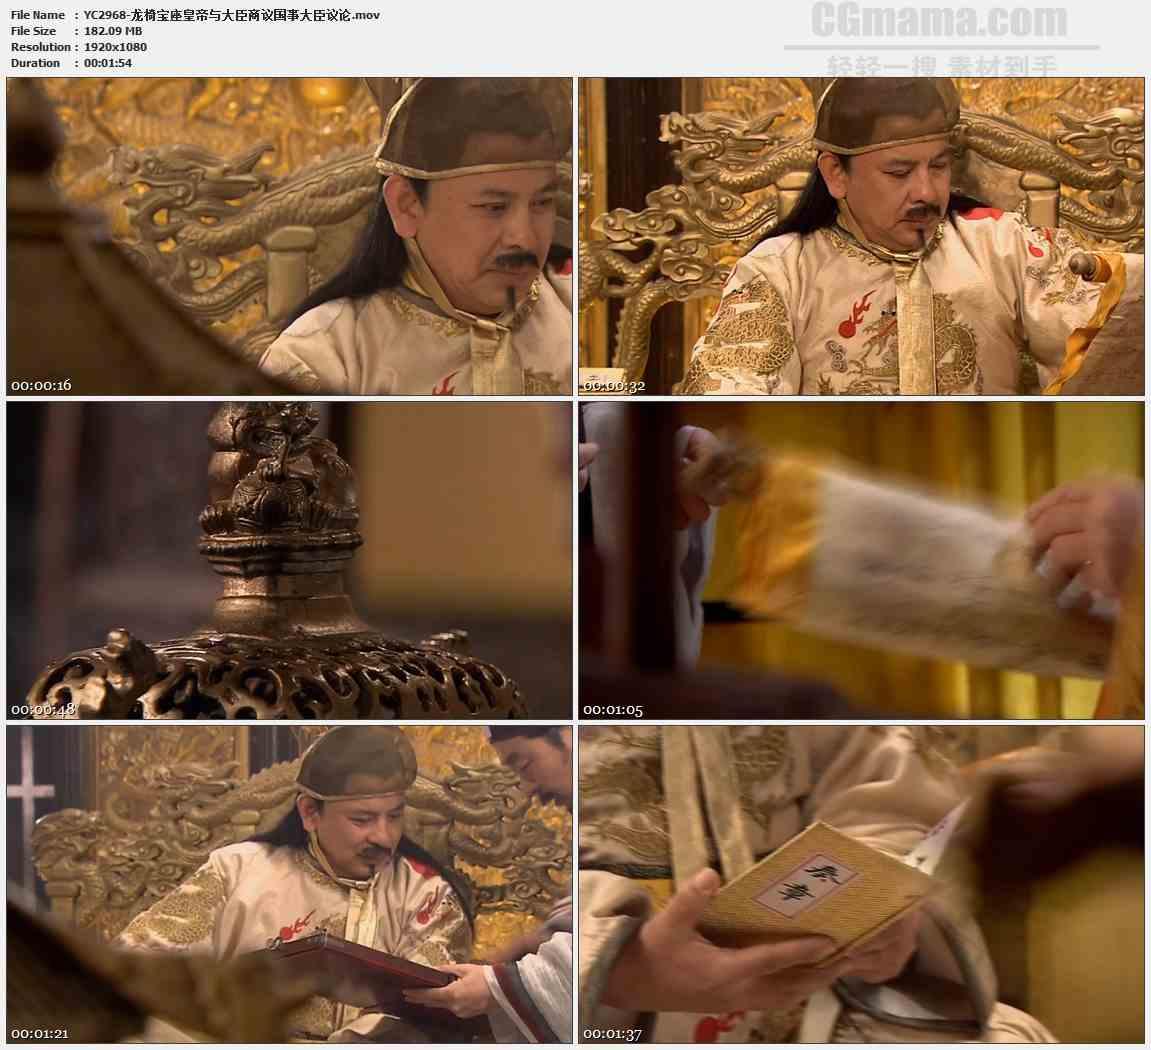 YC2968-龙椅宝座明朝皇帝与大臣商议国事大臣议论看奏折高清实拍视频素材